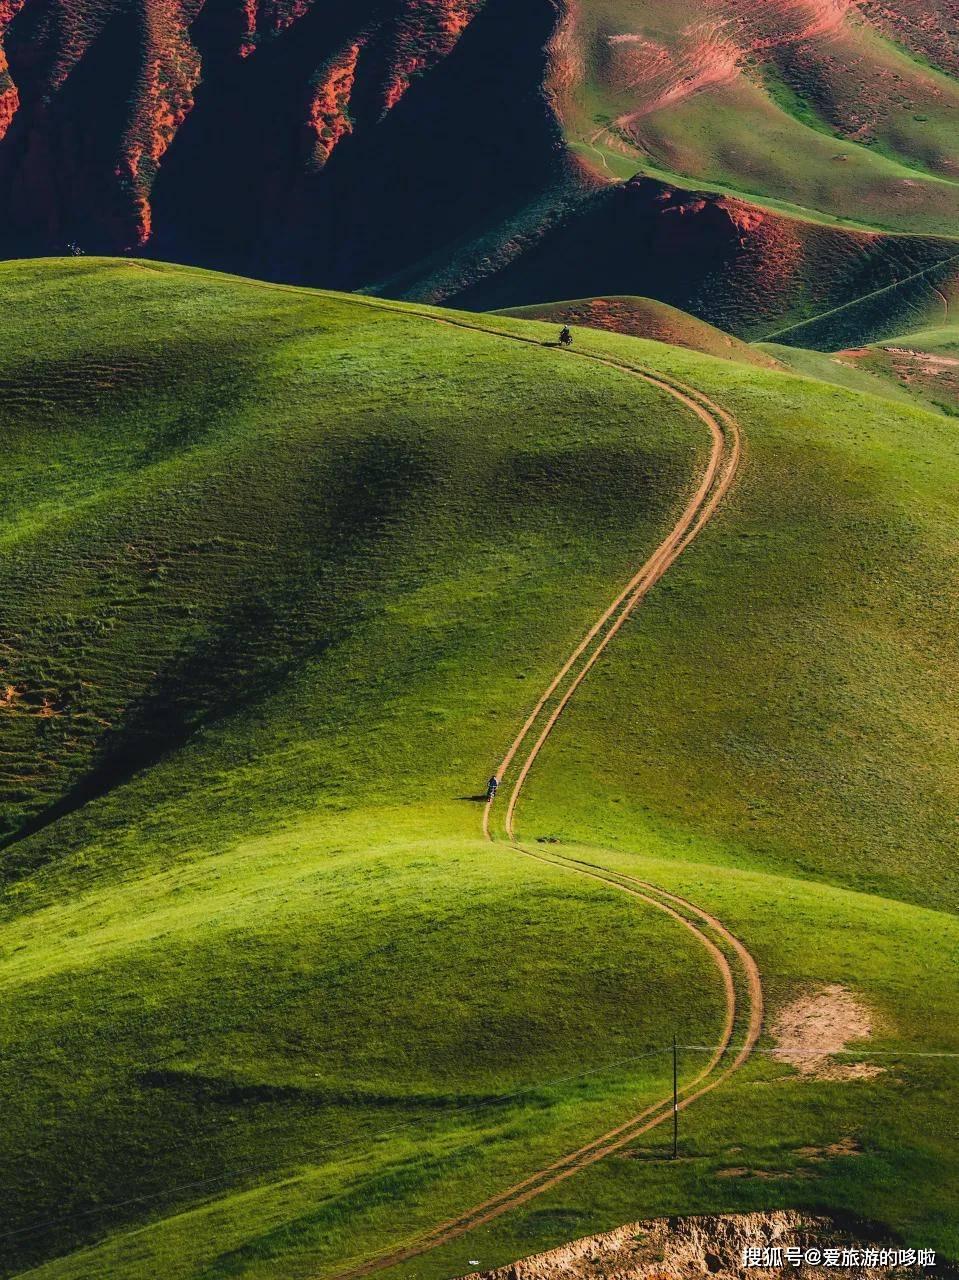 此生必去的西北大环线,到底有多美?有生之年一定要去一趟!